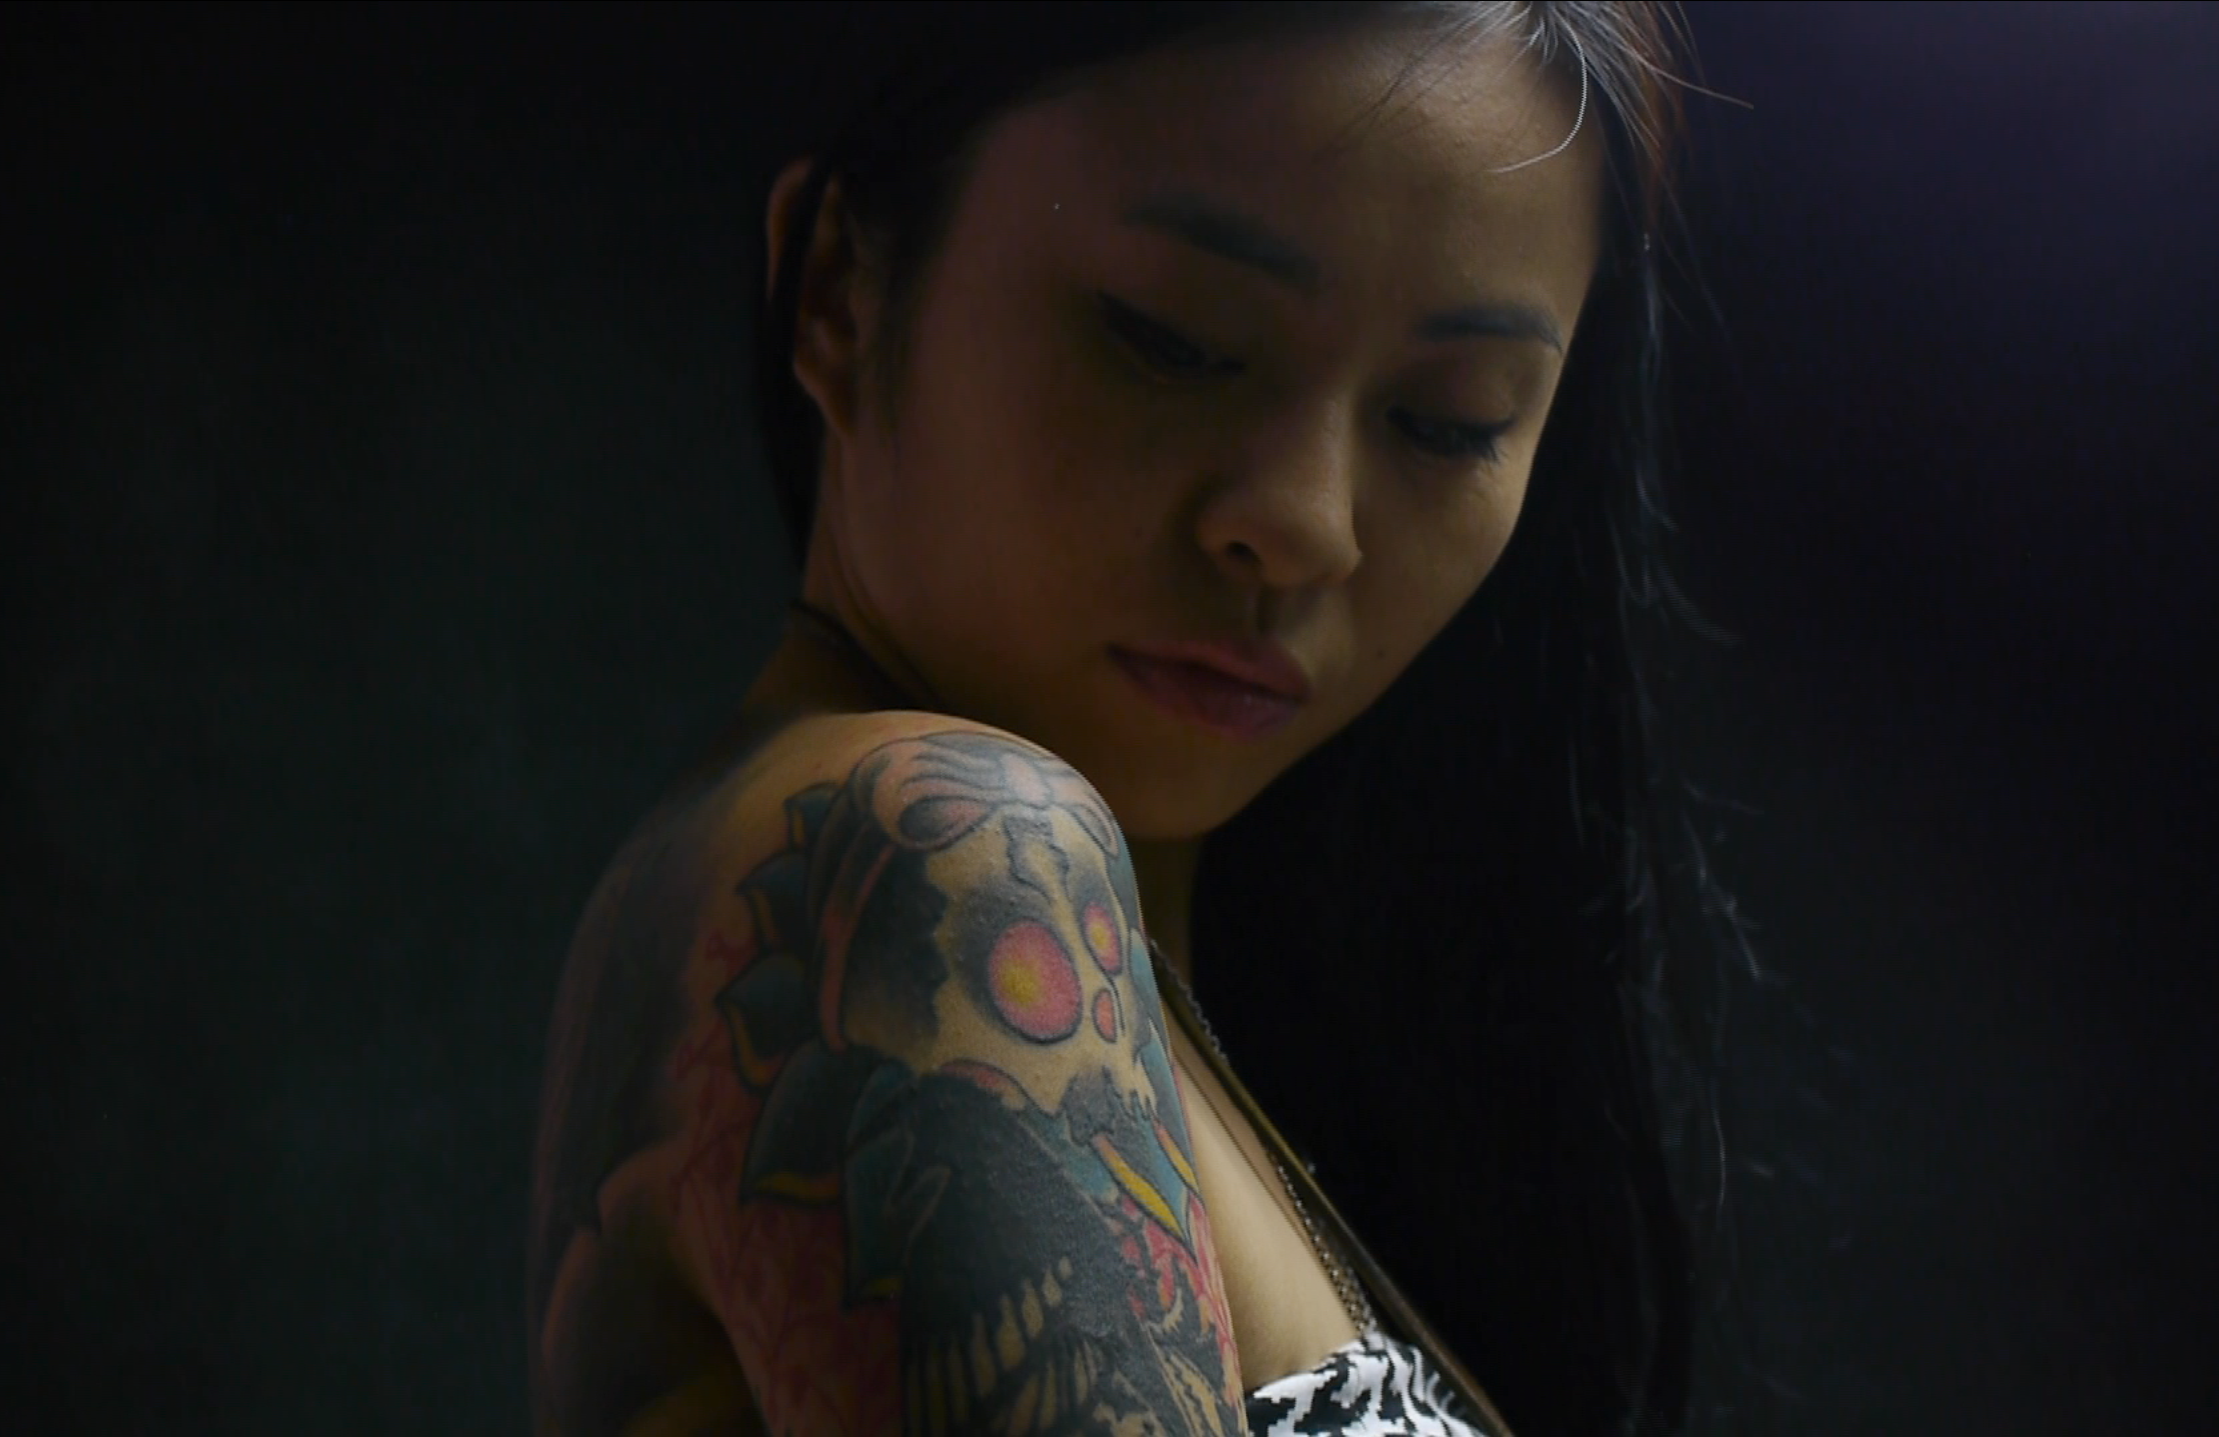 纹身者,她不仅整个后背铺满了刺绣般绚烂图案,右胳膊更镌刻她和丈夫的